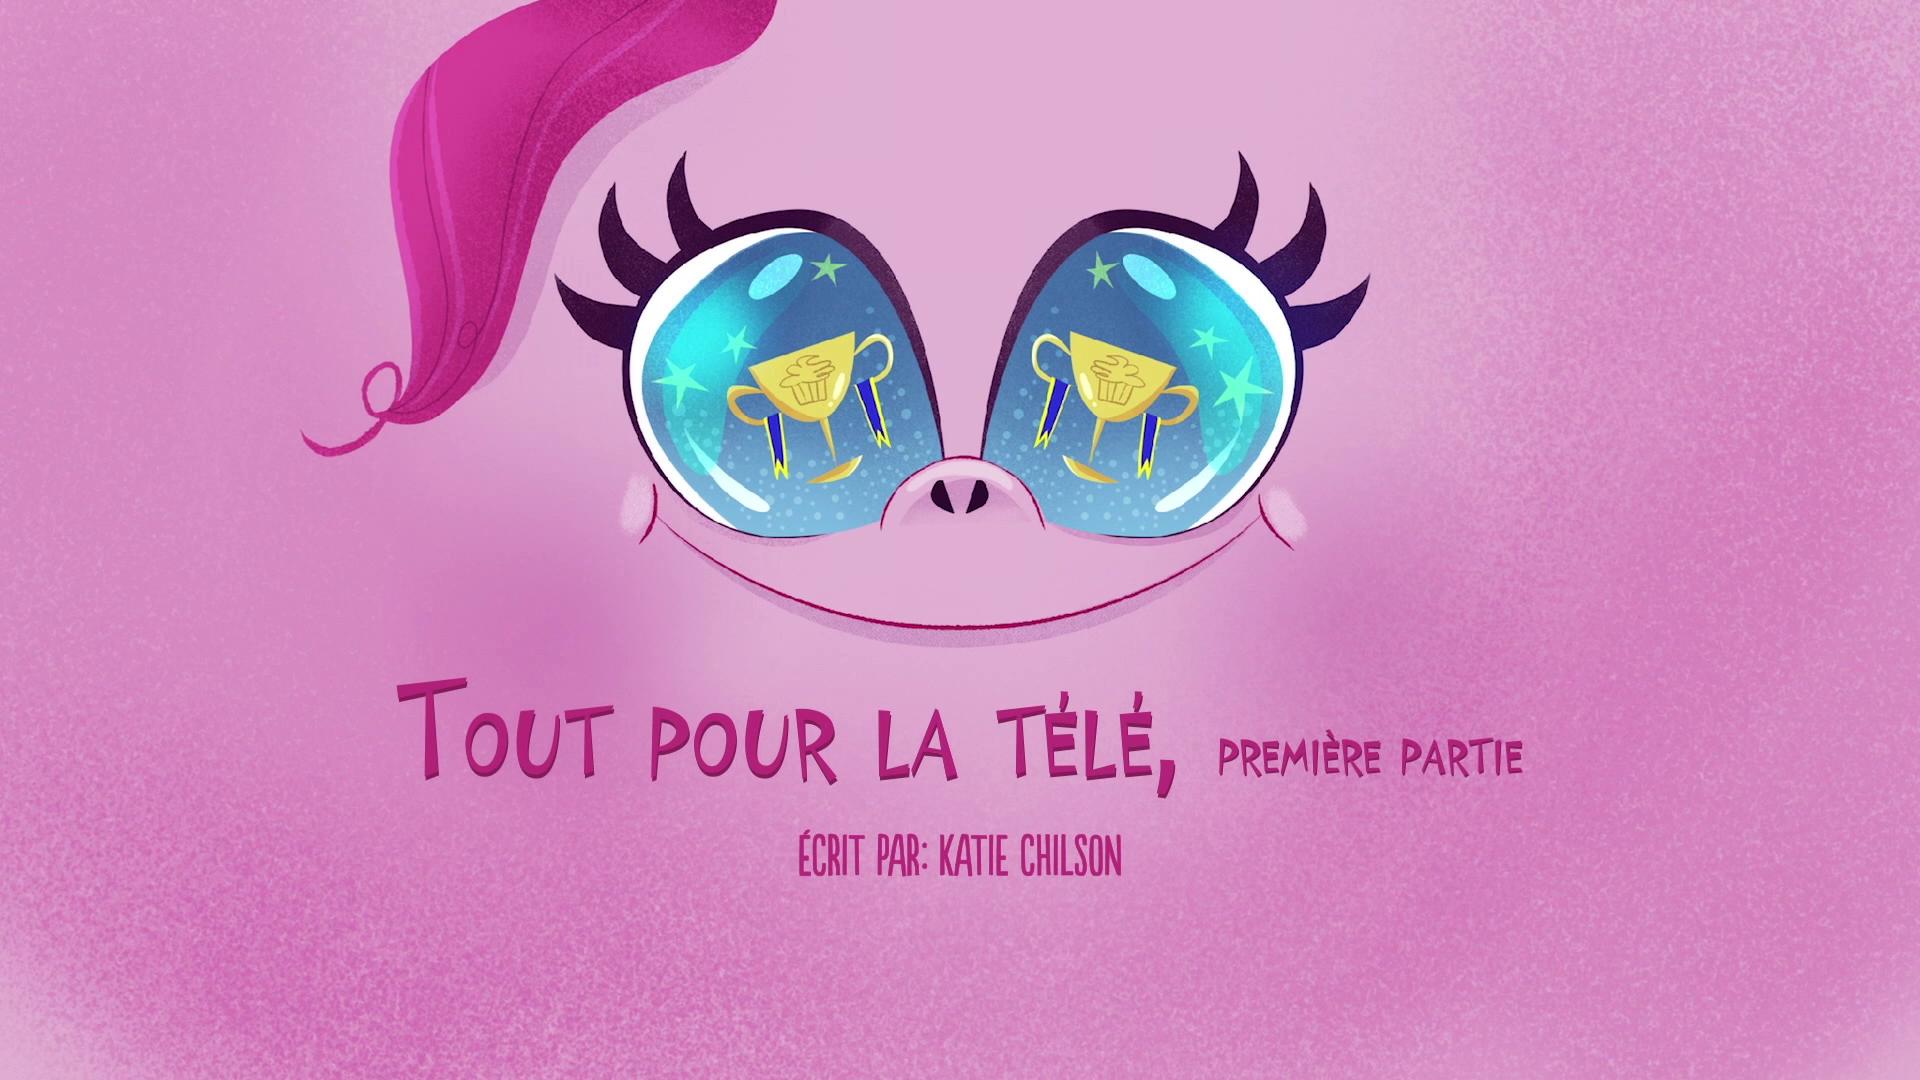 My Little Pony: Pony Life/International edits